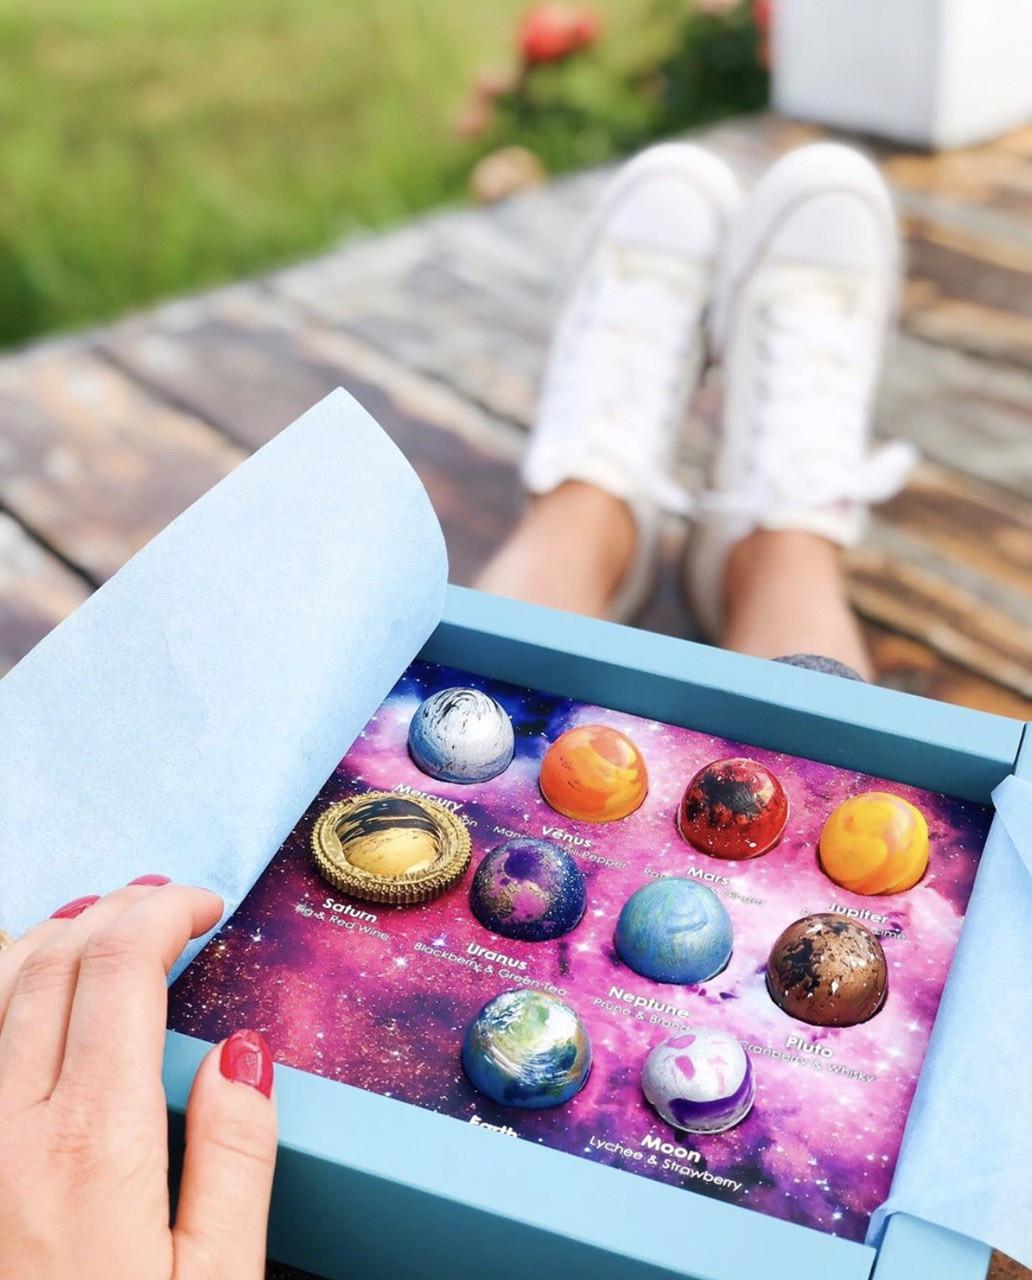 Оригинальный подарок для мужчин и девушек - Конфеты Космос и луна